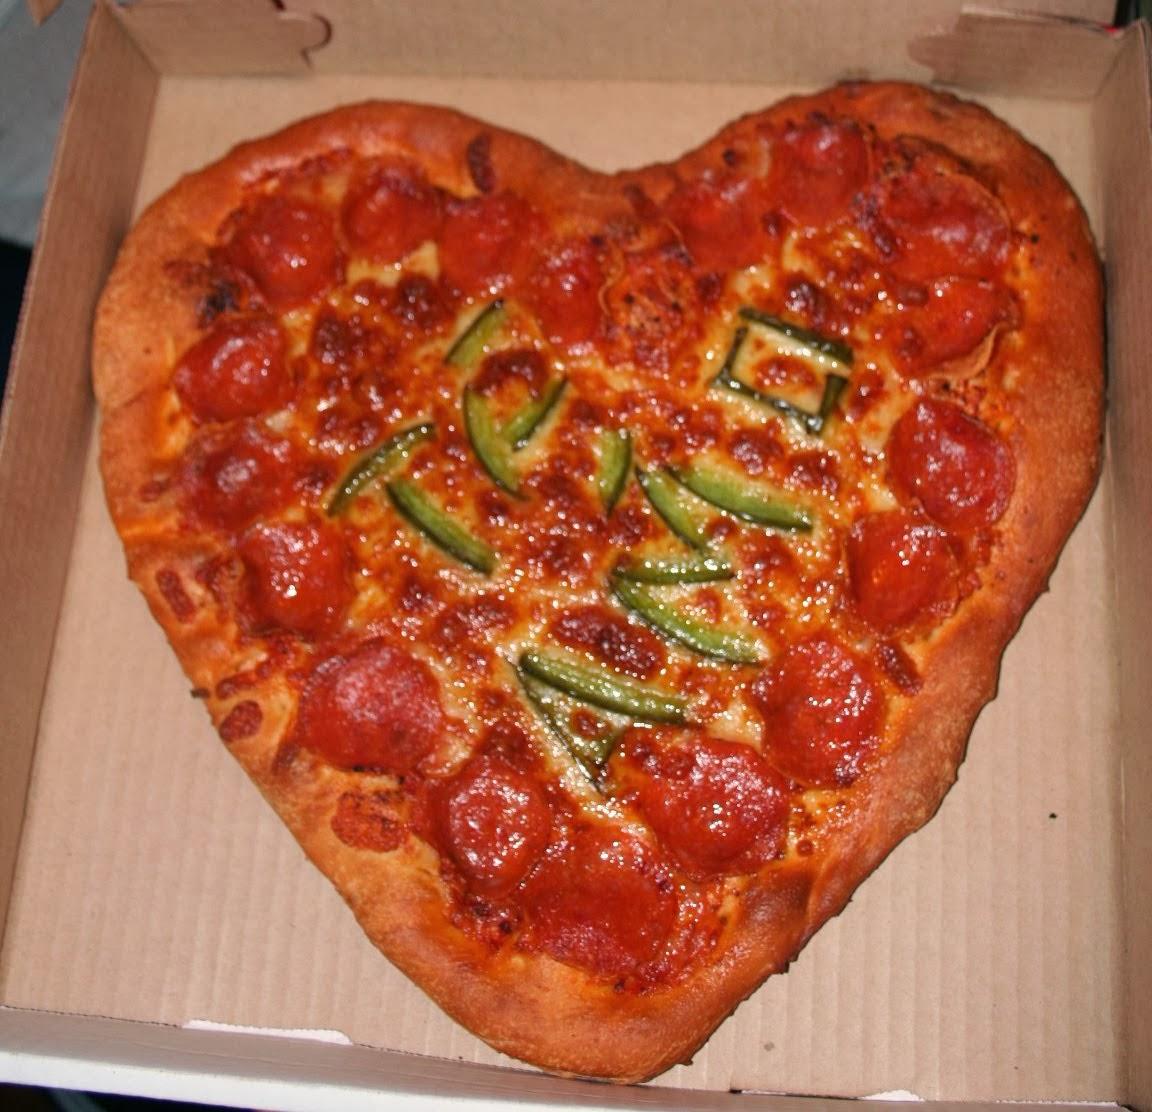 pizza con forma de corazon para san valentin